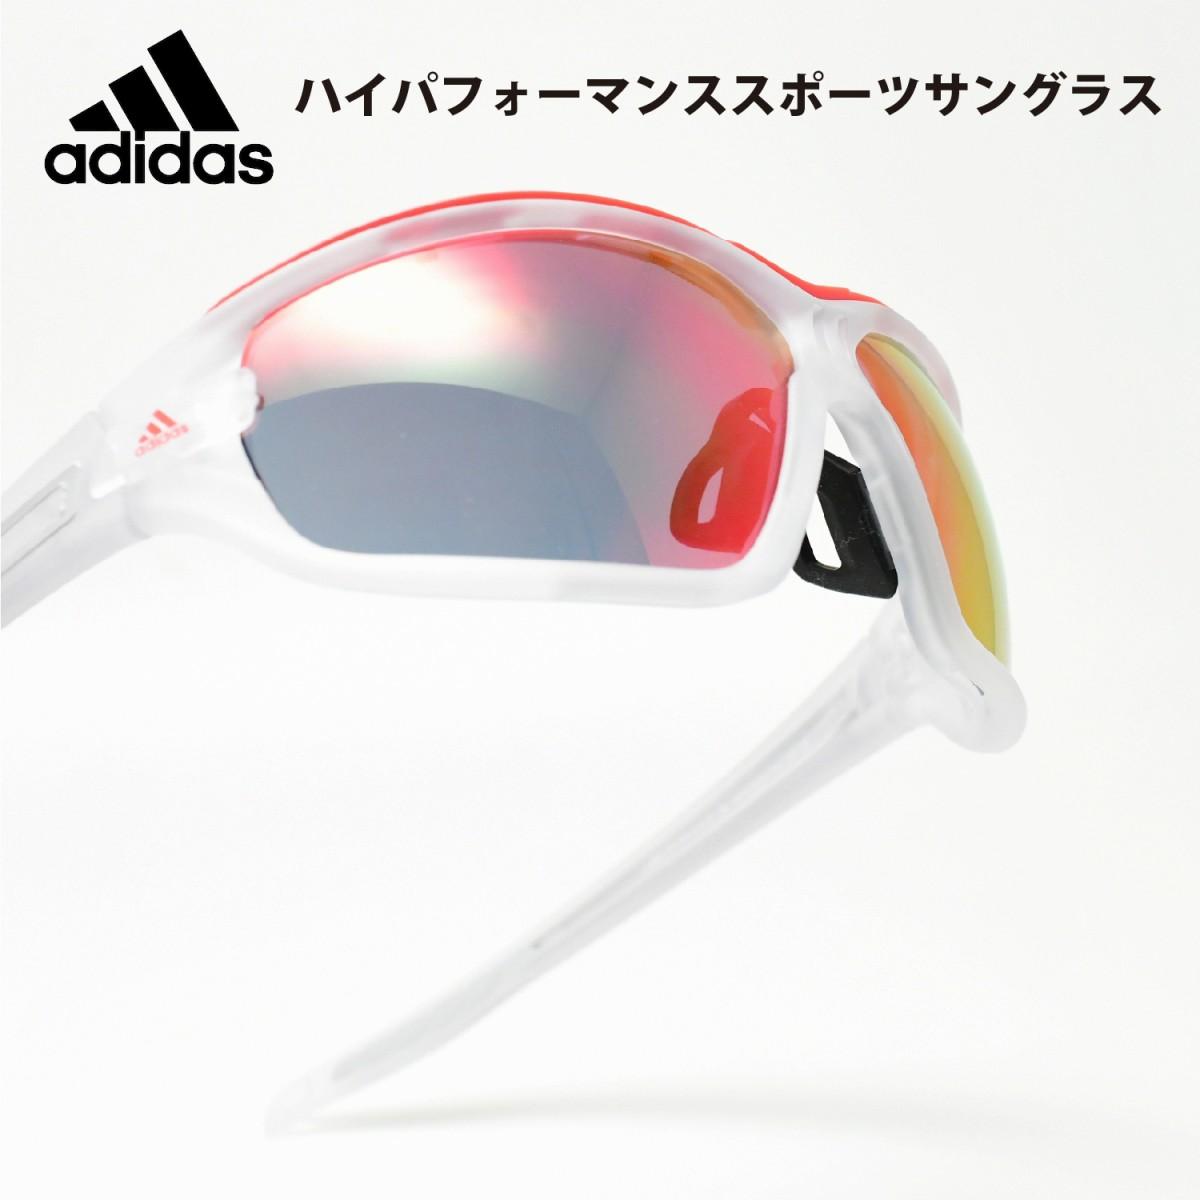 adidas アディダスevileye evo pro S イービルアイ エボ プロ Sマットクリスタル/グレーレッドミラーHアウトレットSALE価格!!